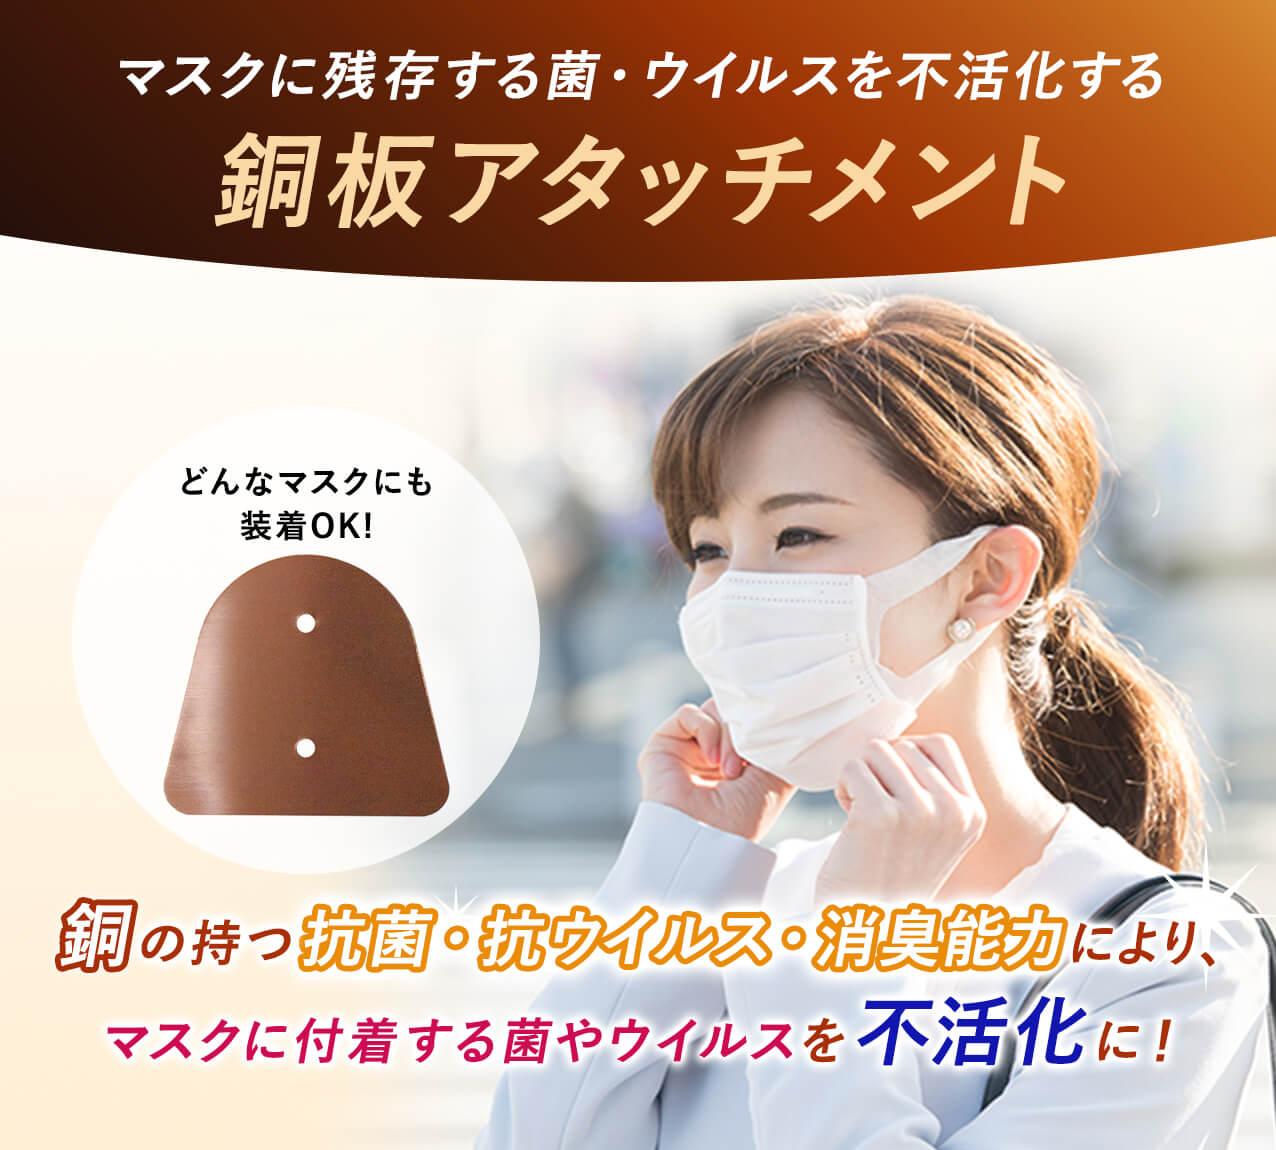 マスクに残存する菌・ウイルスを不活化する銅板アタッチメント どんなマスクにも装着OK!銅の持つ抗菌・抗ウイルス・消臭能力により、             マスクに付着する菌やウイルスを不活化に!